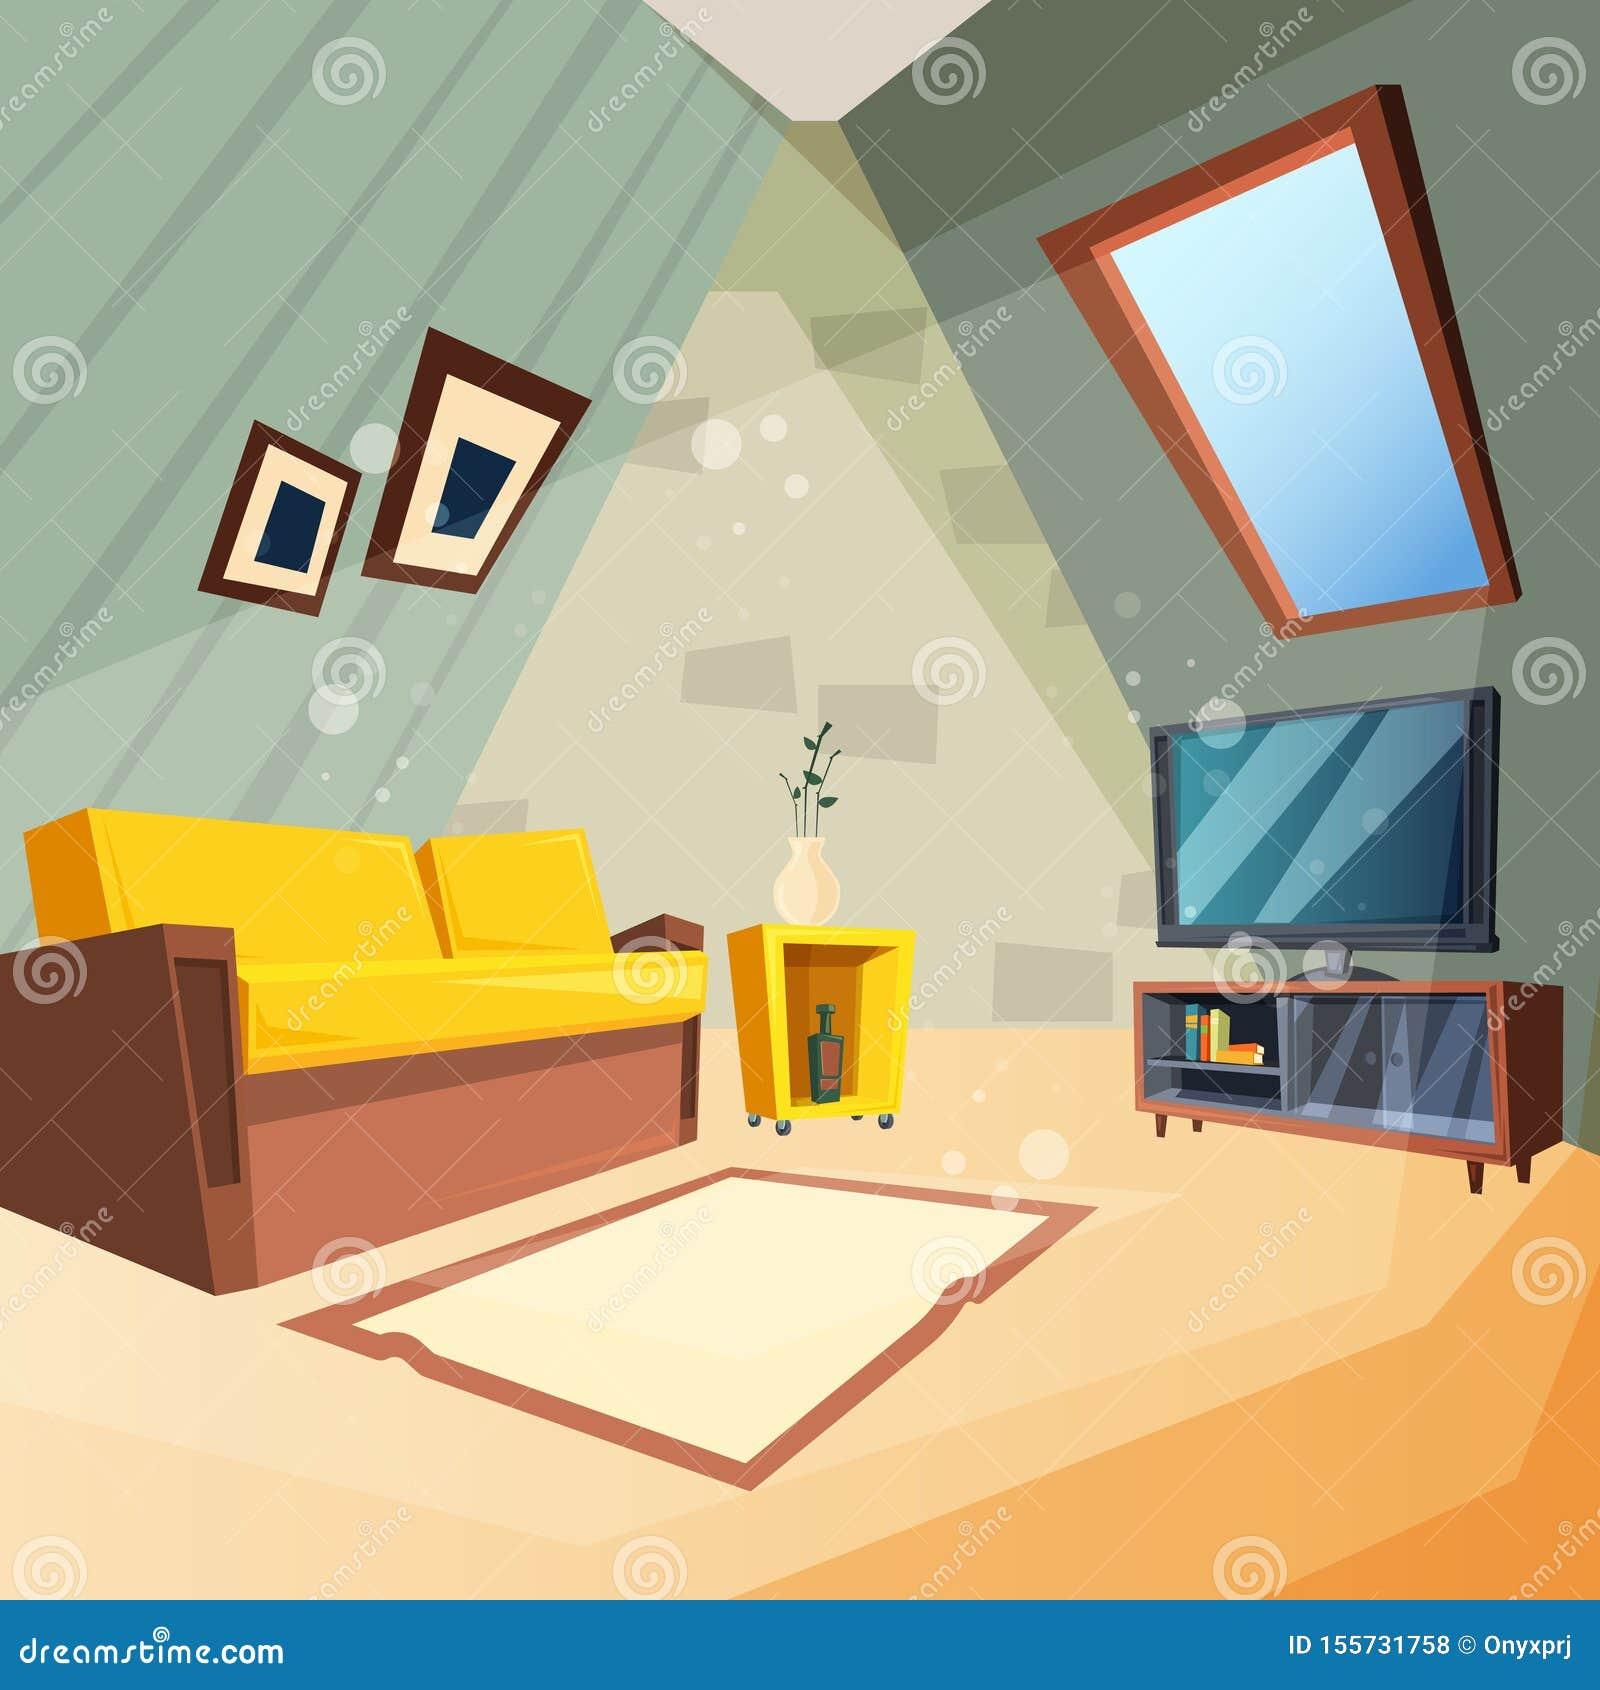 Zolder Slaapkamer voor jonge geitjesbinnenland van zolderruimtehoek met venster op plafond vectorbeeld in beeldverhaalstijl